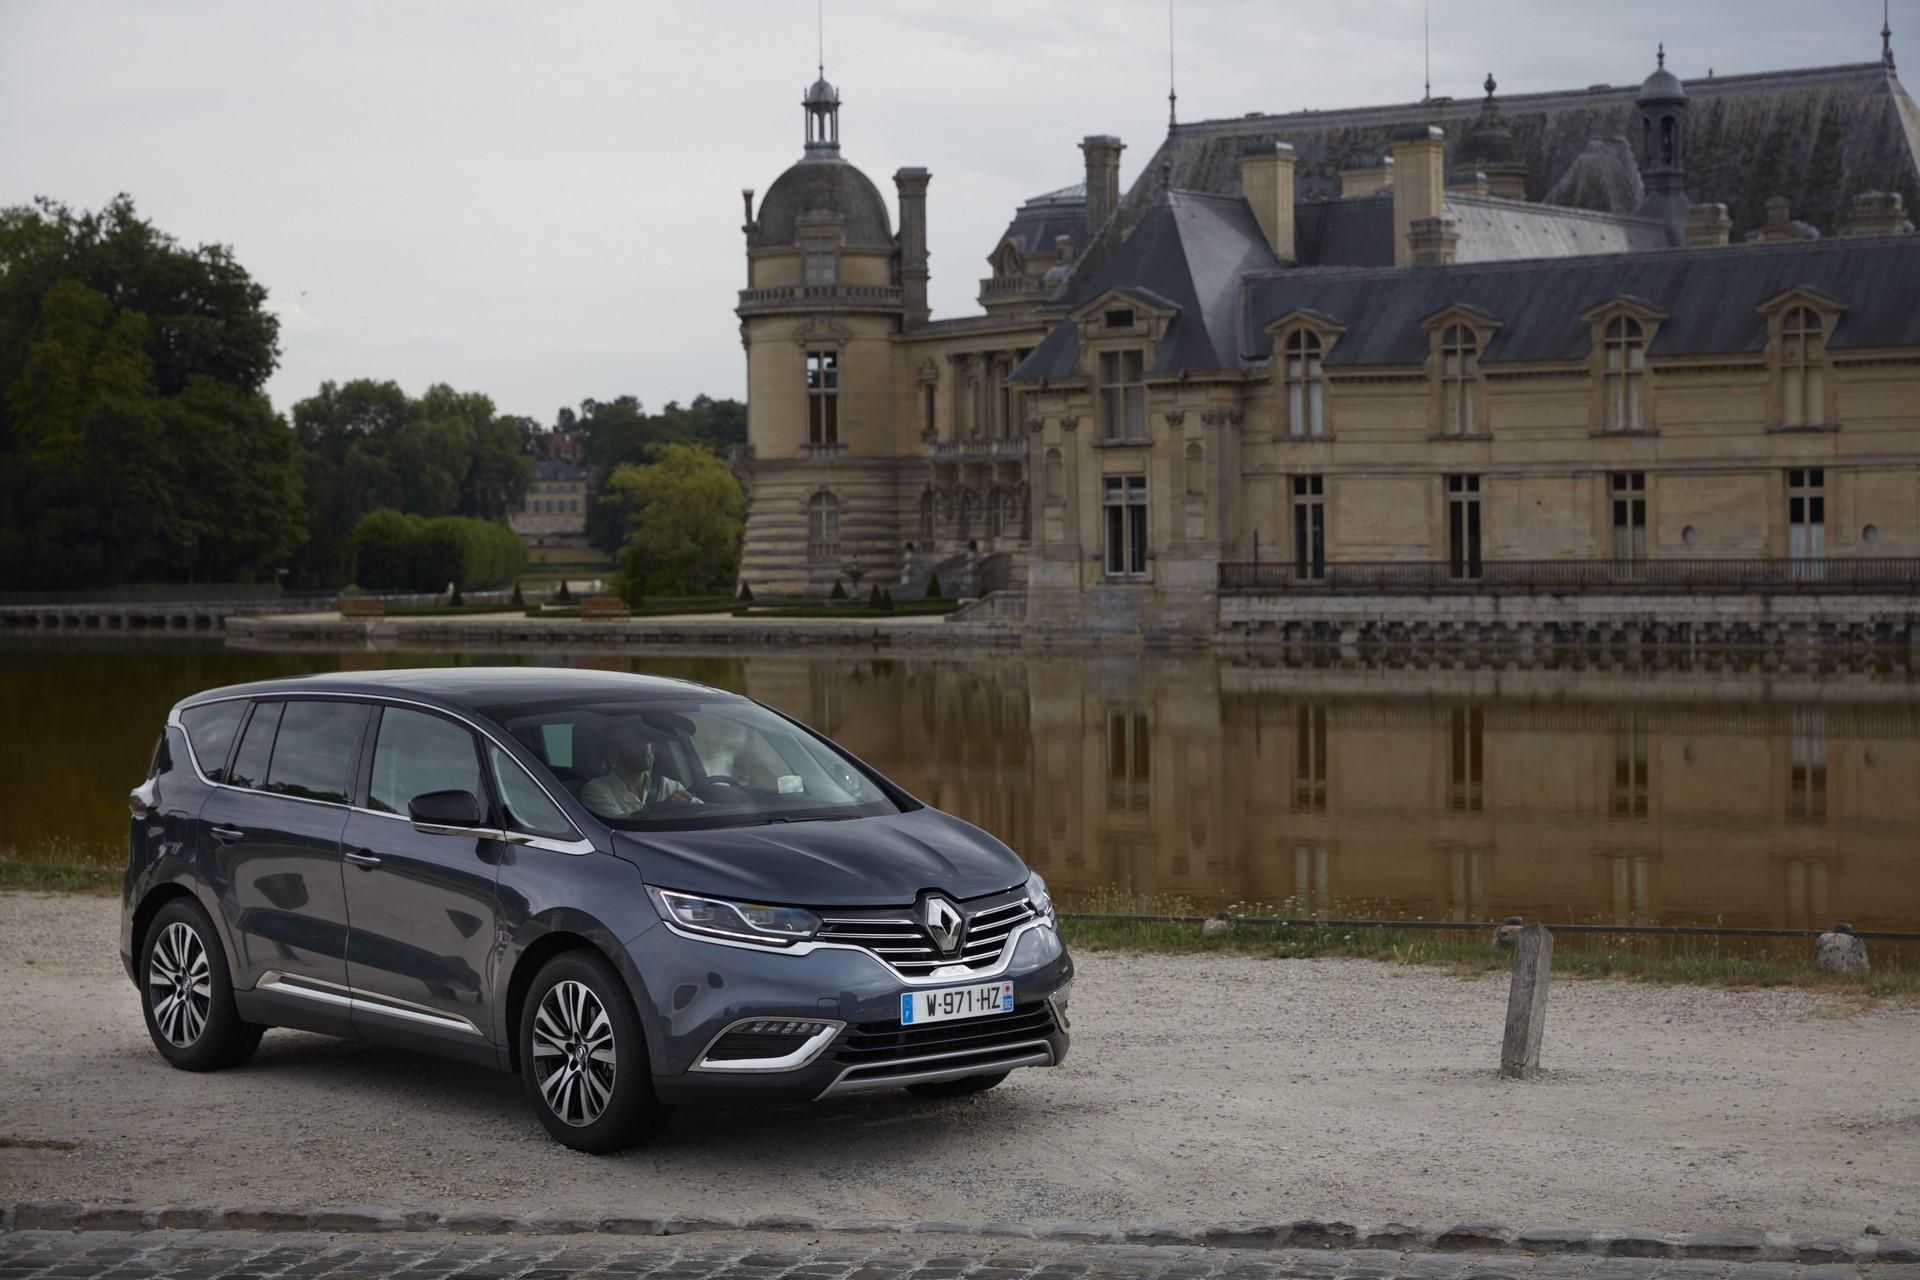 Renault_93248_global_en